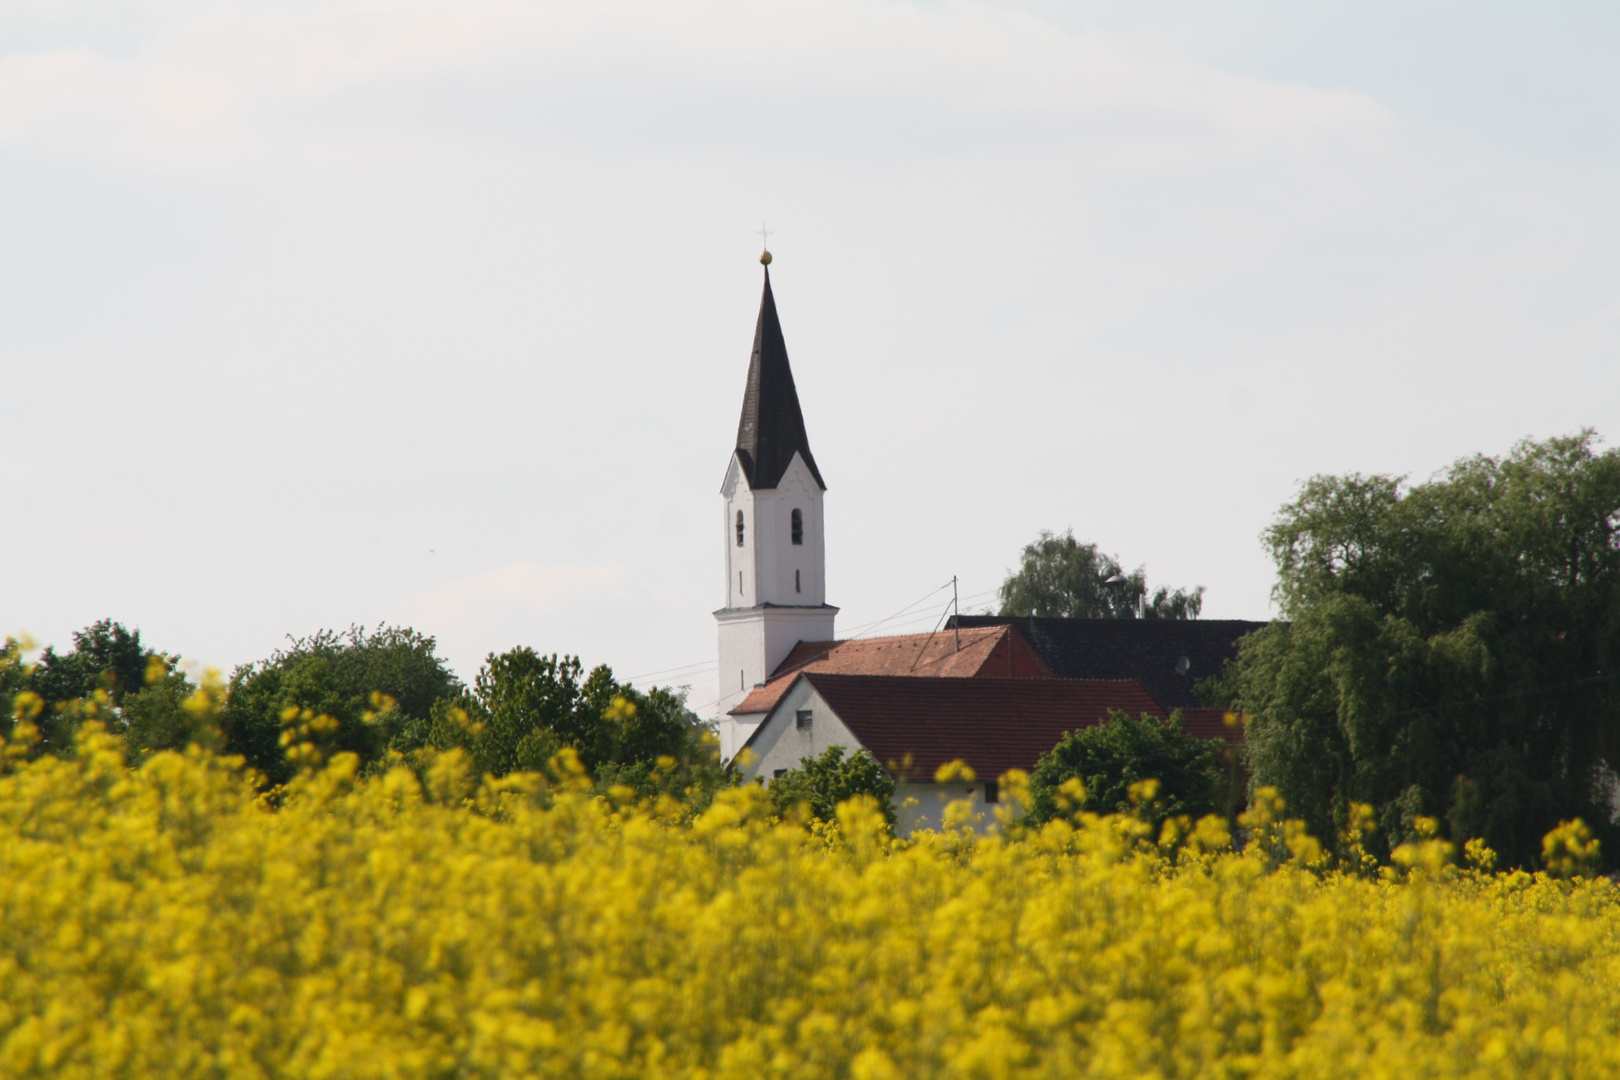 Der Blick auf die Kirche durch das Rapsfeld